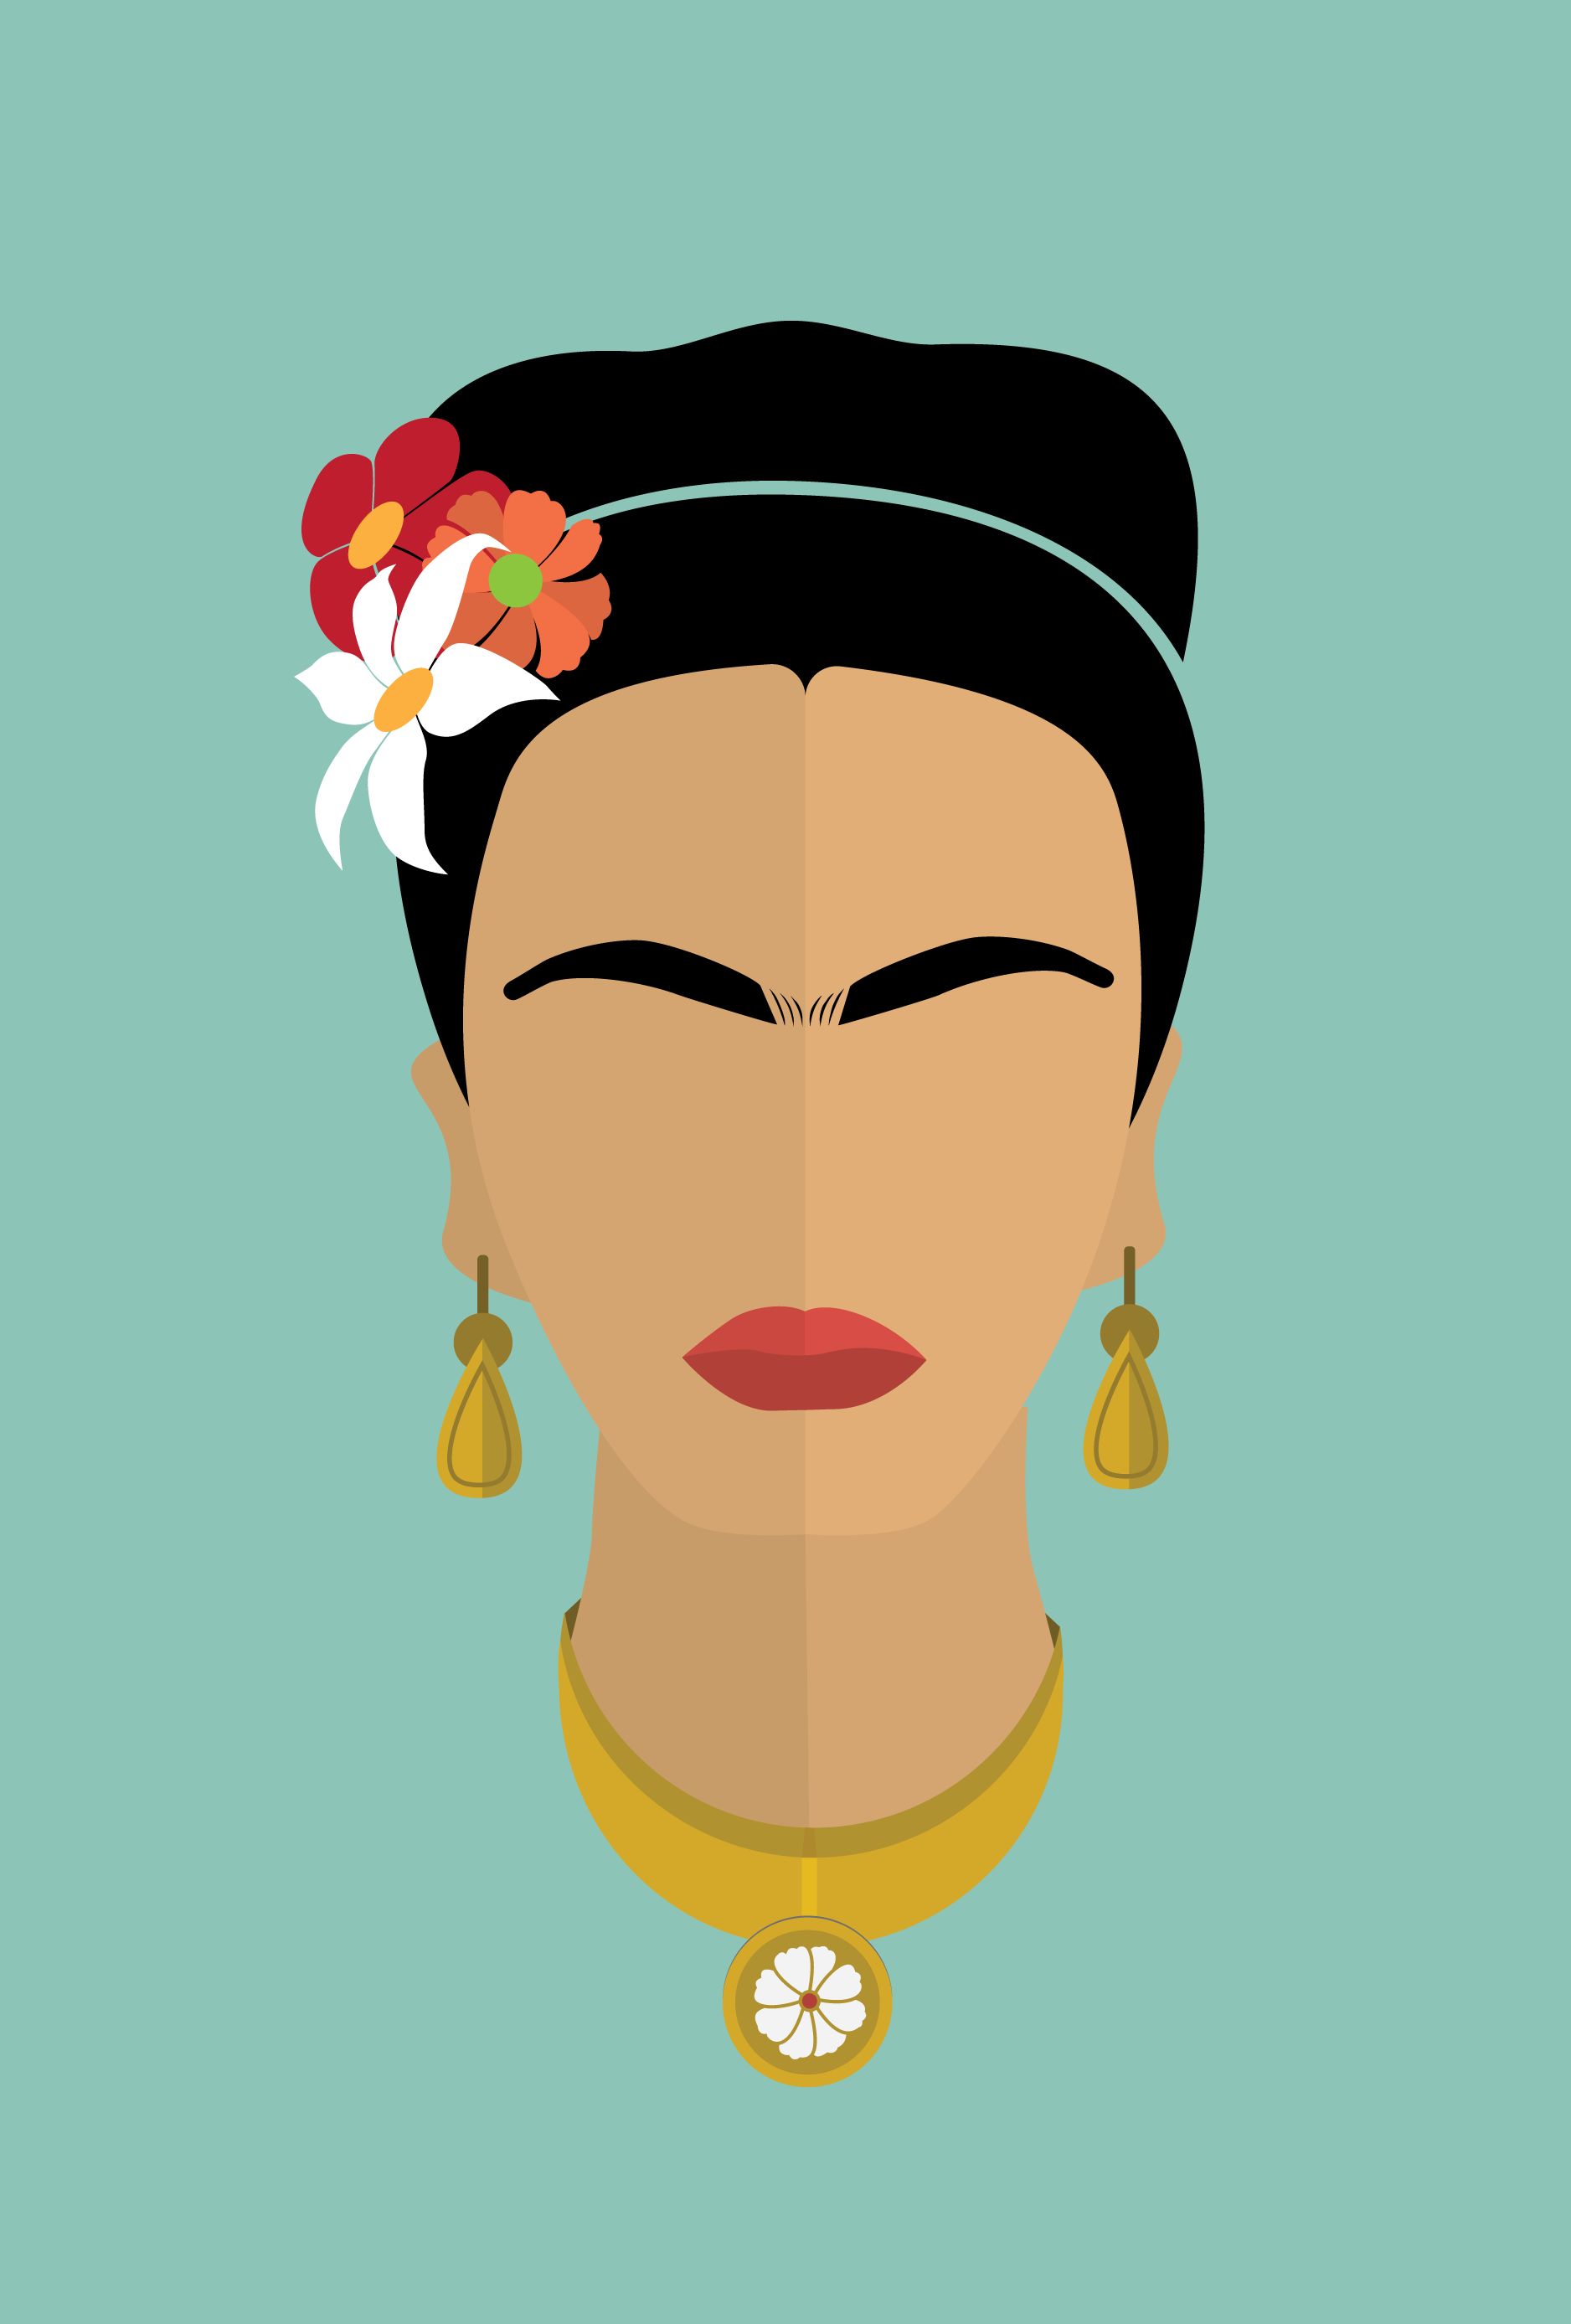 Frida Kahlo Icon Print Original Design Ilustracao De Rostos Ilustracoes Graficas Pinturas De Praia Em Tela